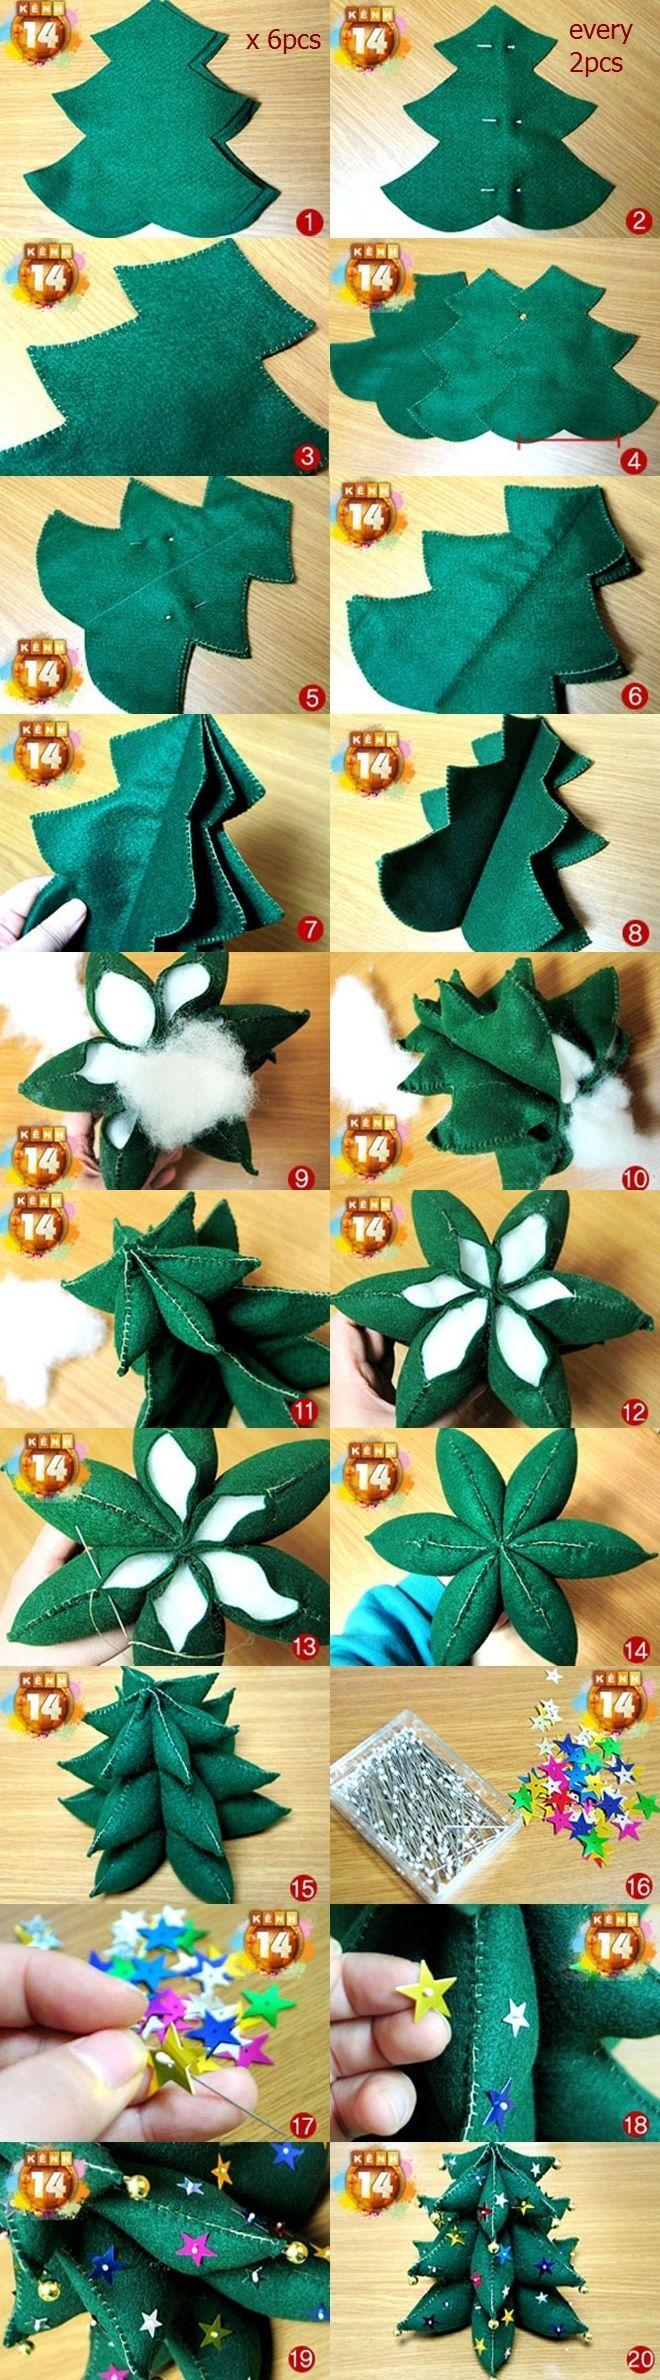 Felt árbol de navidad Combinado: Más